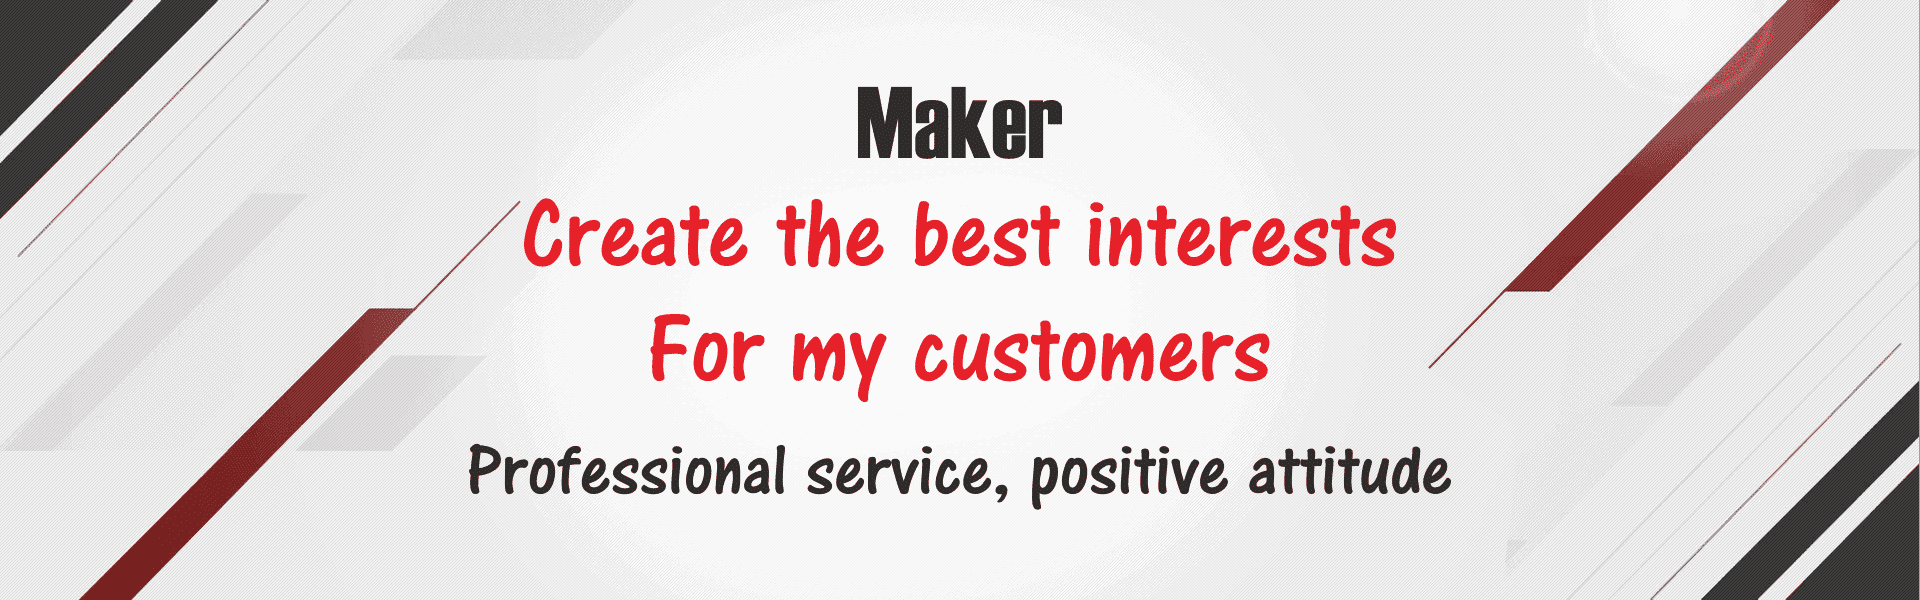 客戶至上、專業服務、品質保證